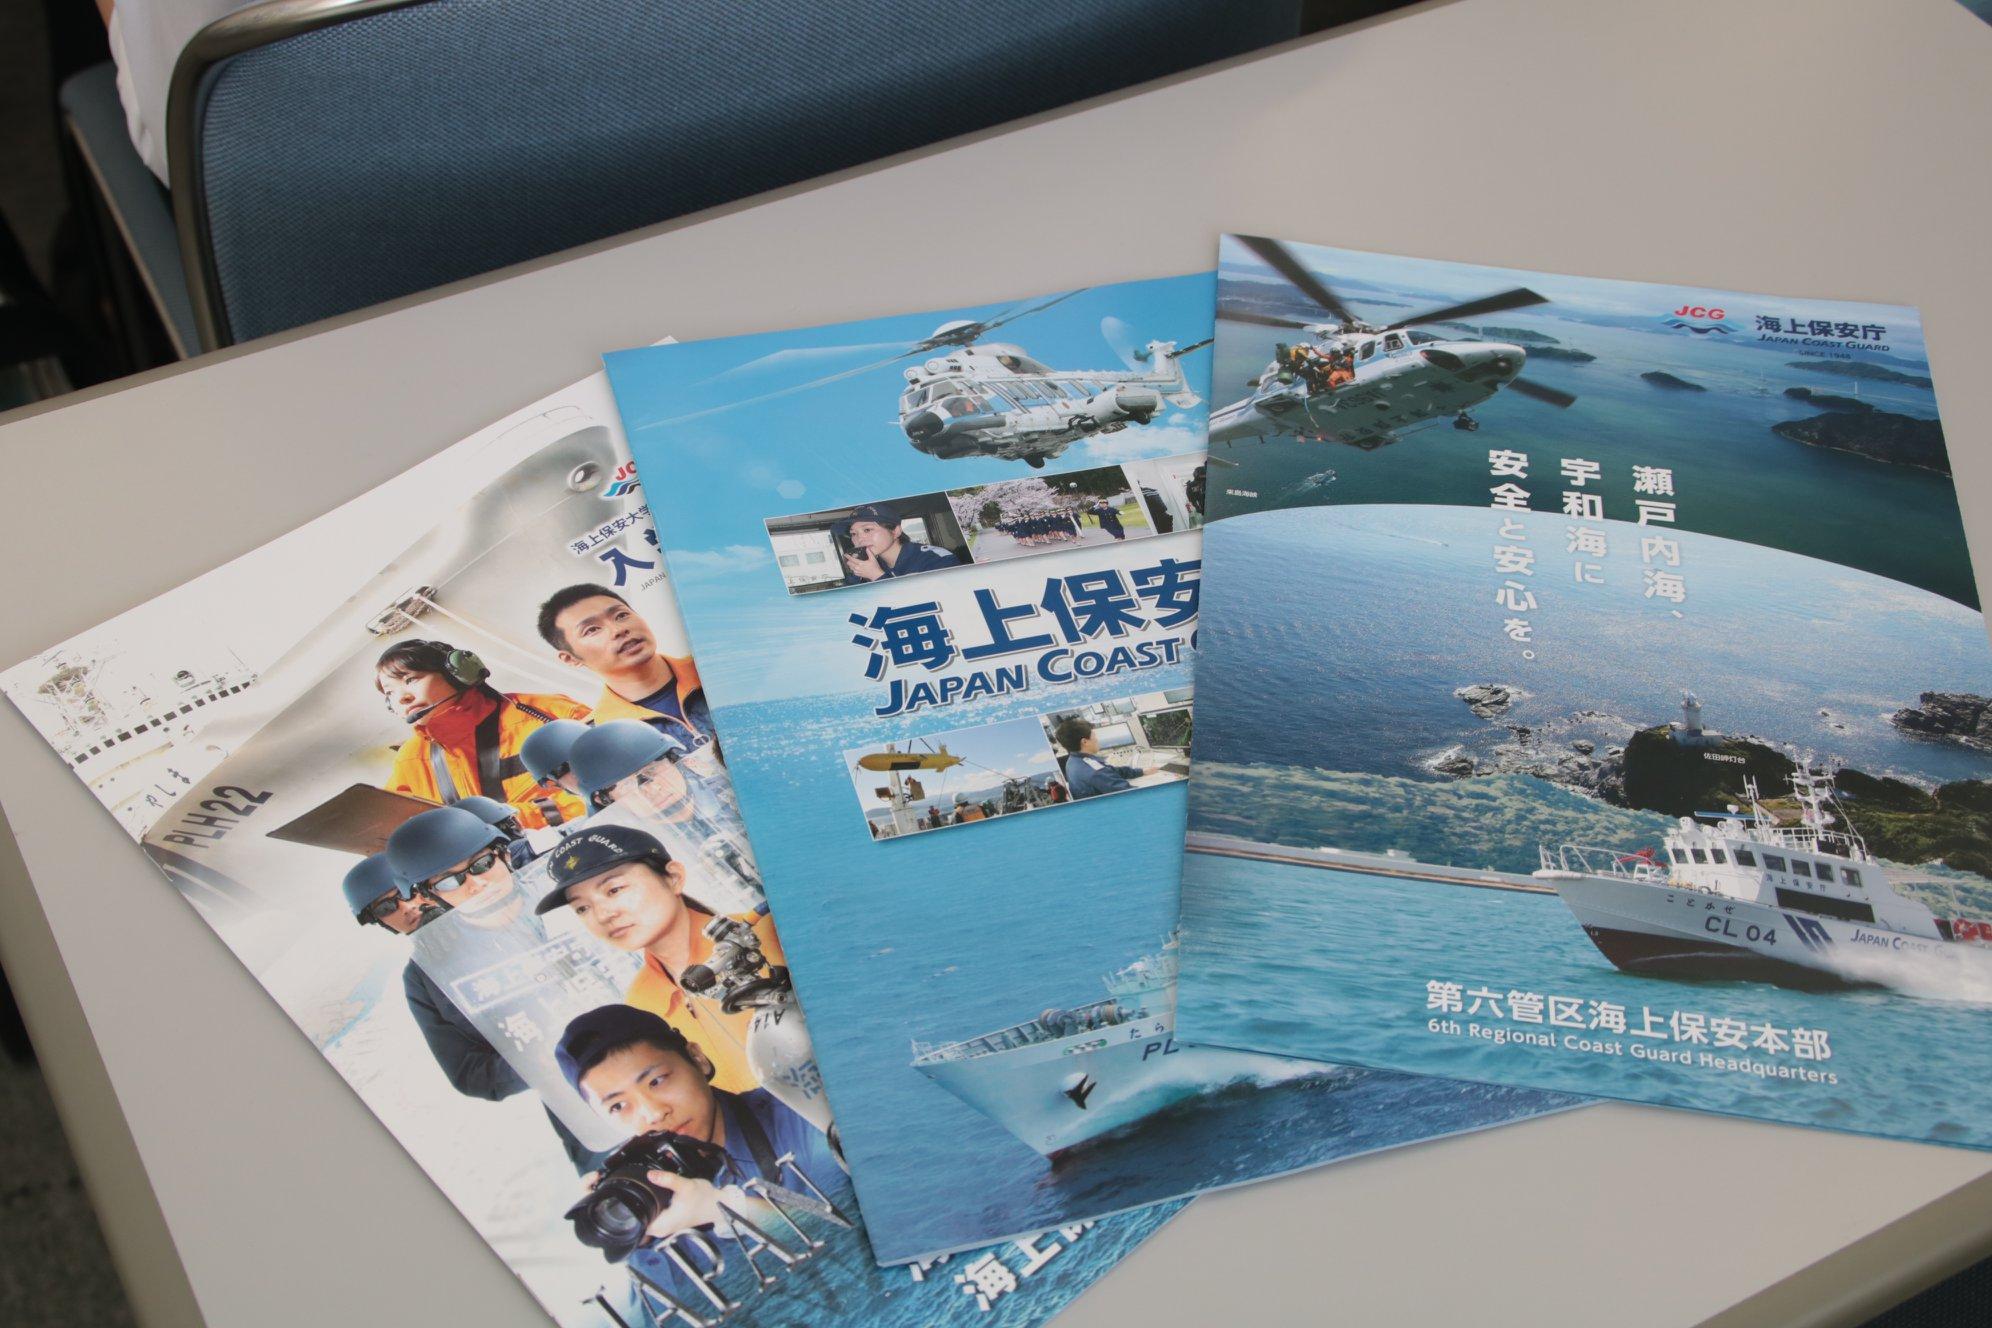 徳山海上保安部(海上保安庁)に見学に行きました!